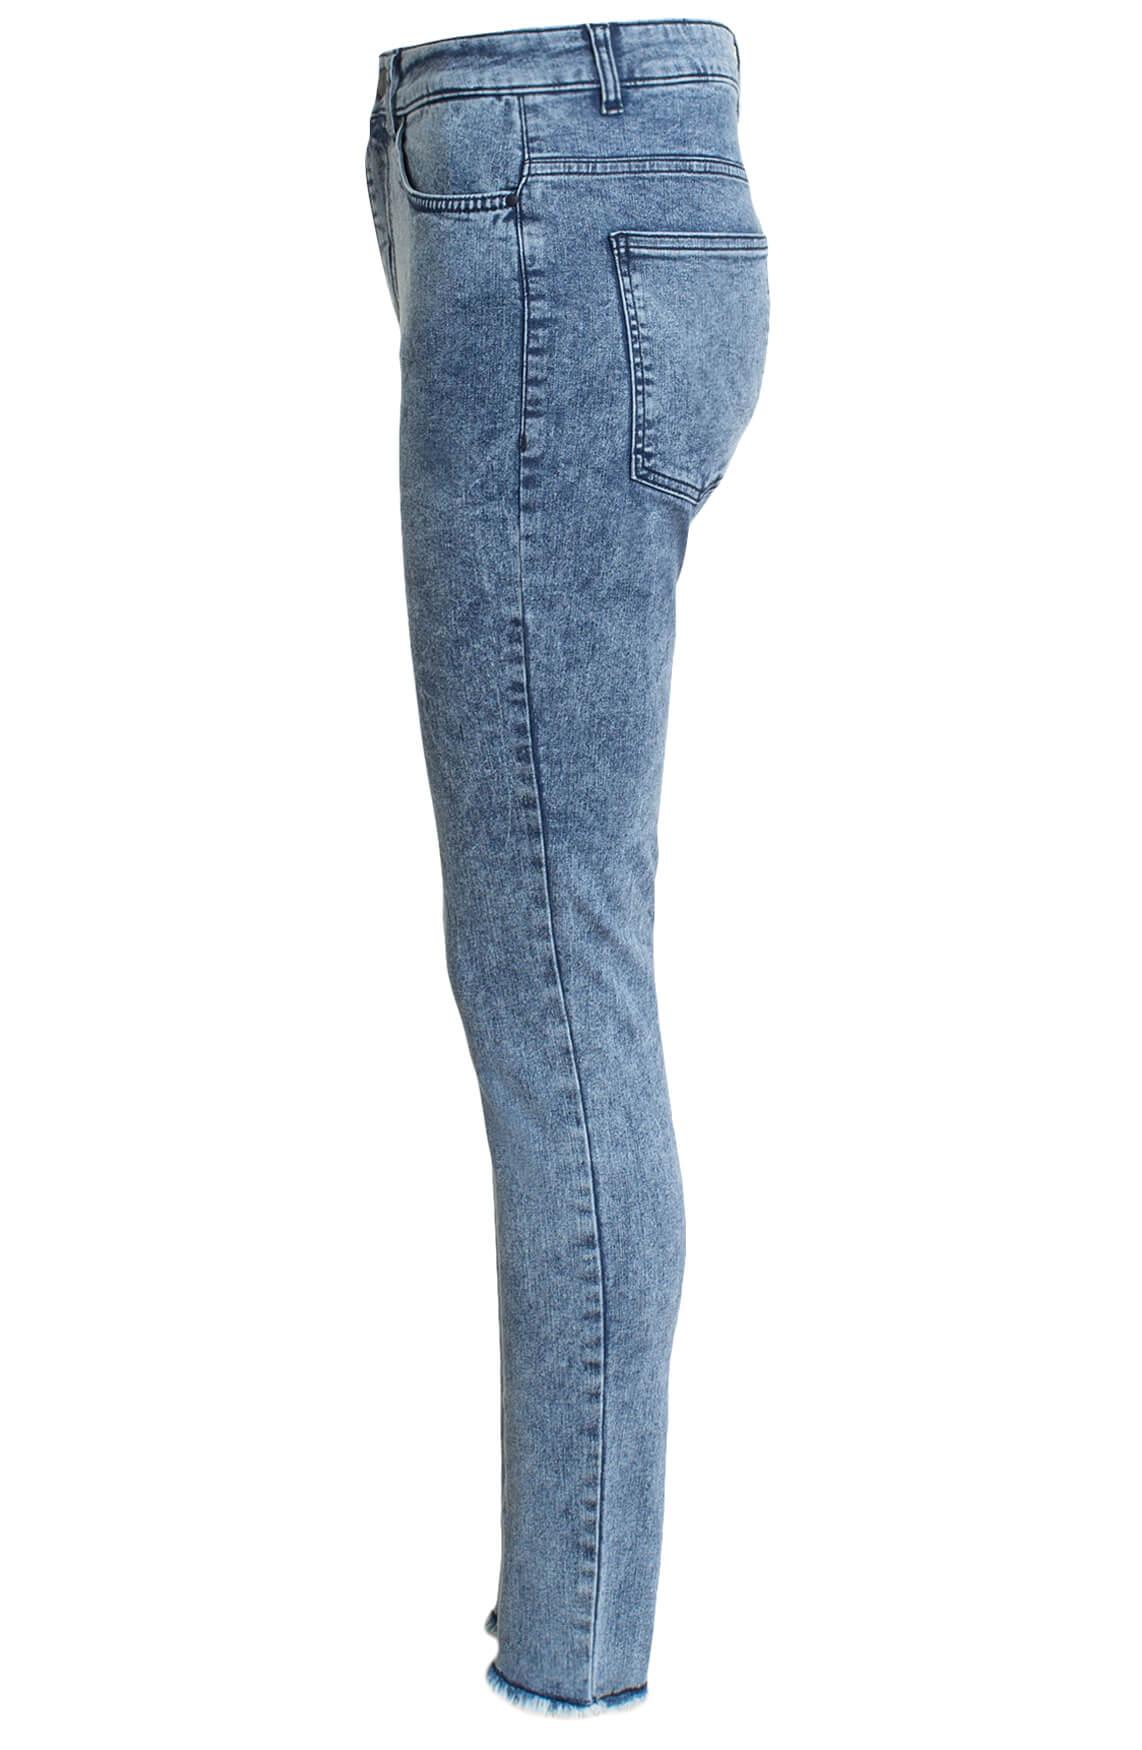 10 Days Dames Skinny jeans Blauw